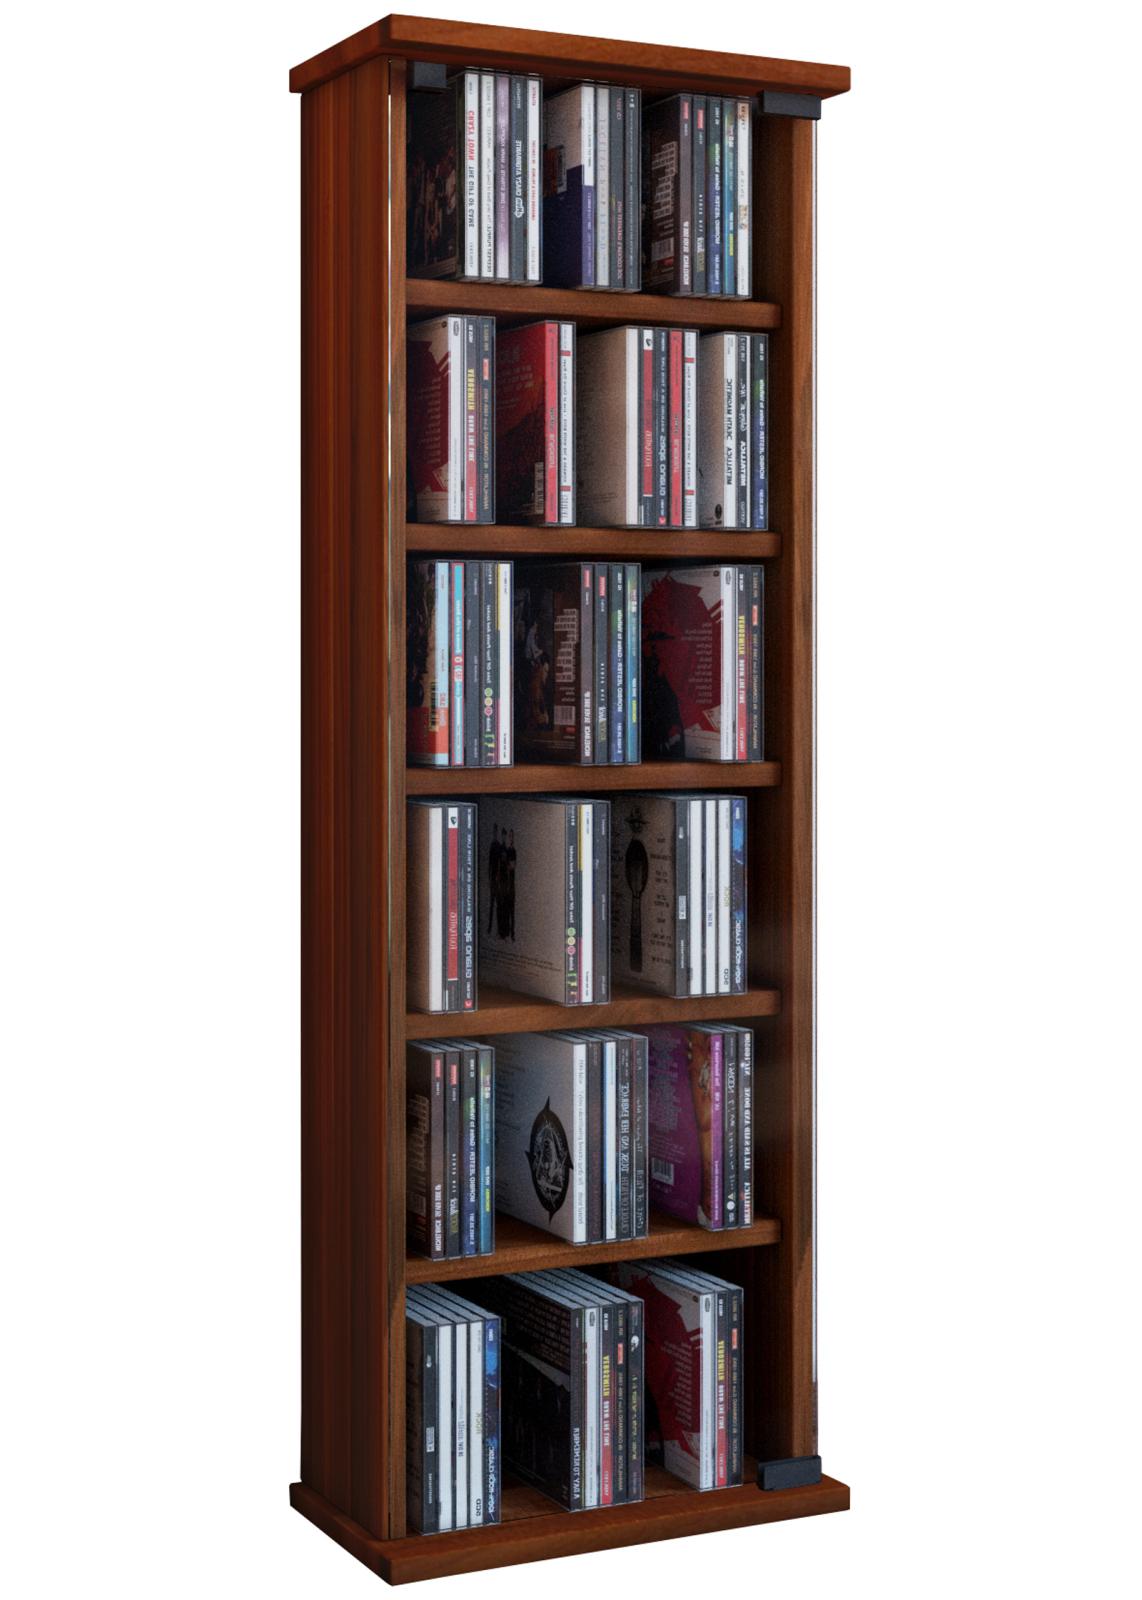 Full Size of Regal Konfigurator Weiß Hochglanz Sheesham Amazon Regale Buche Wein 60 Cm Tief Grau Kleiderschrank Kleines Hoch Massivholz Schmales Kinderzimmer Modular Regal Regal Nussbaum